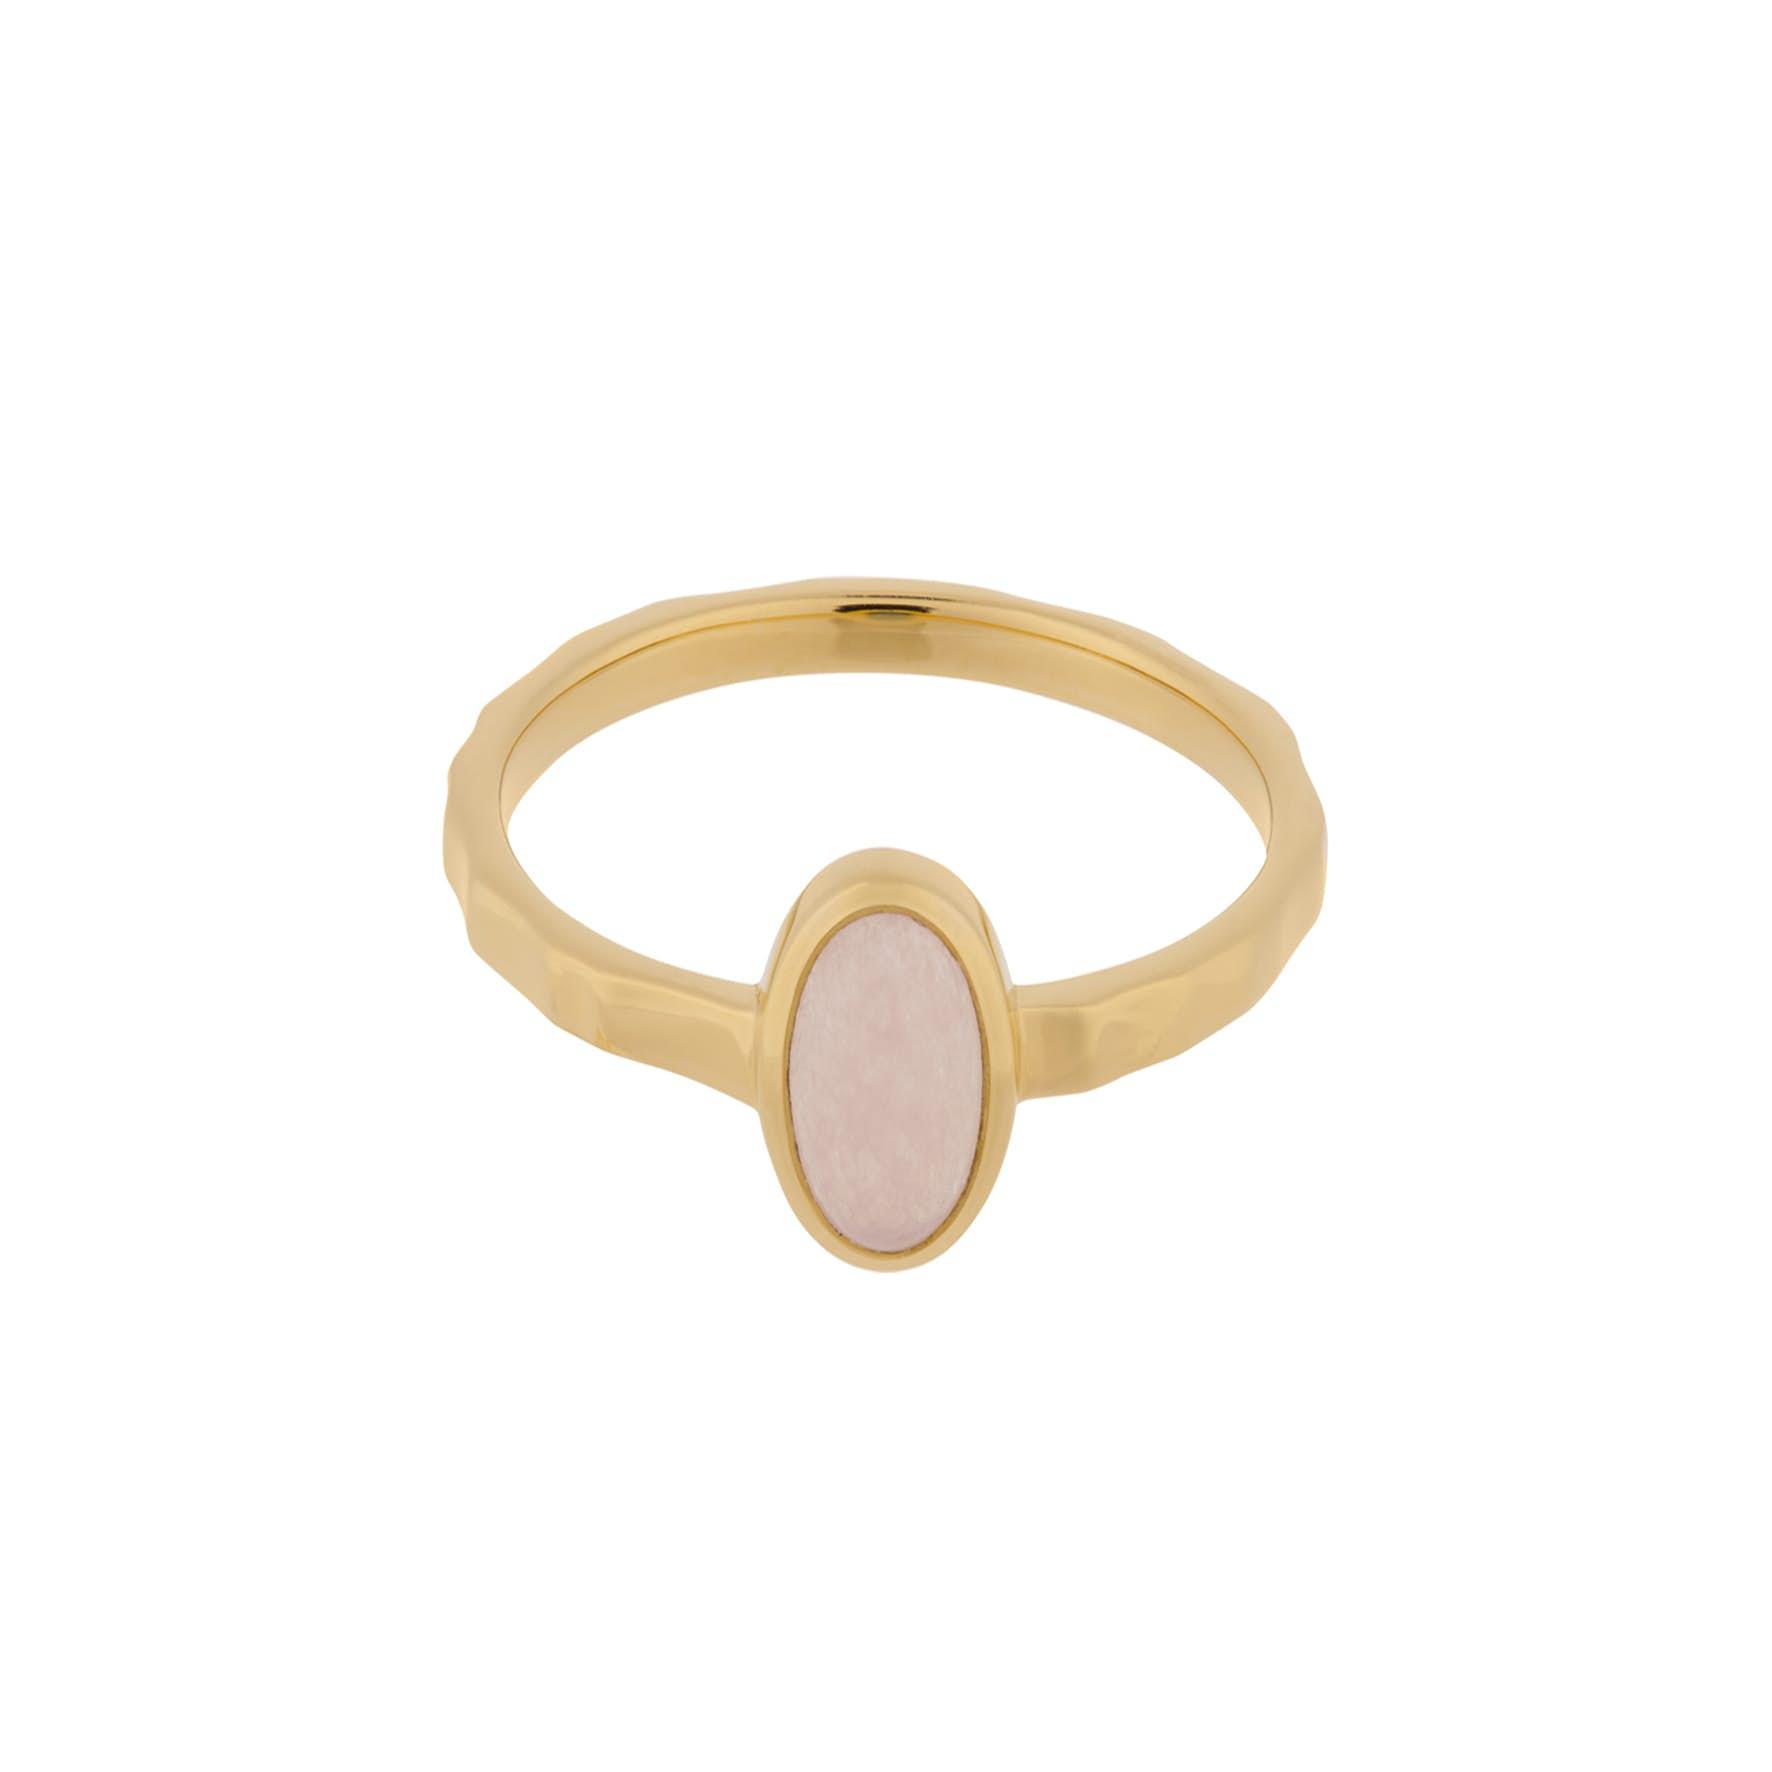 Shine Rose Ring von Pernille Corydon in Vergoldet-Silber Sterling 925